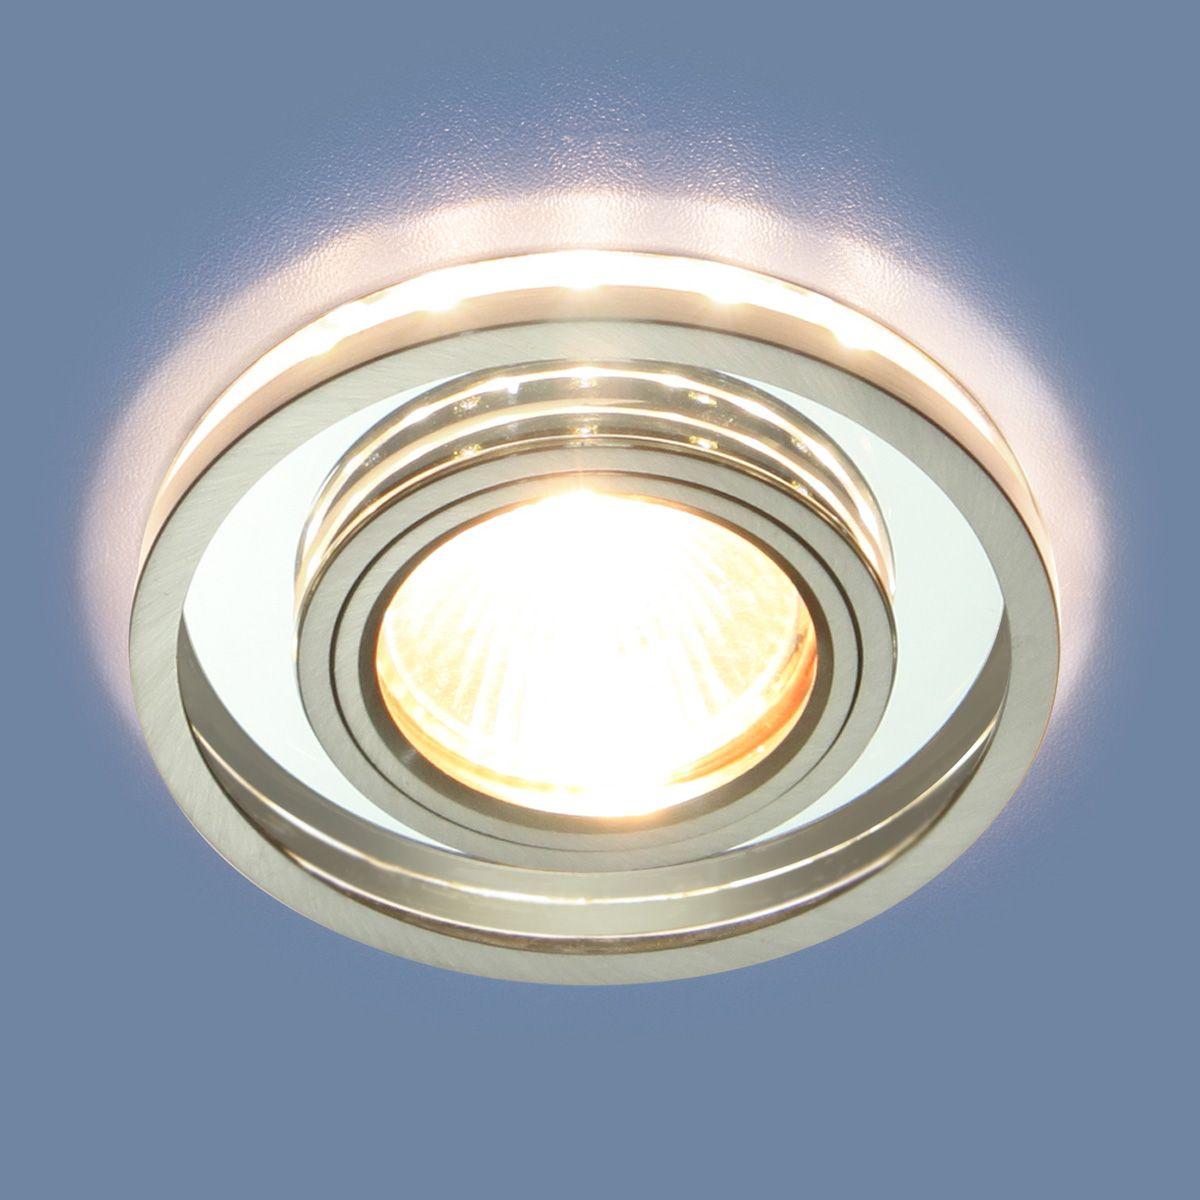 Точечный светильник с LED подсветкой 7021 MR16 SL/CH зеркальный/хром